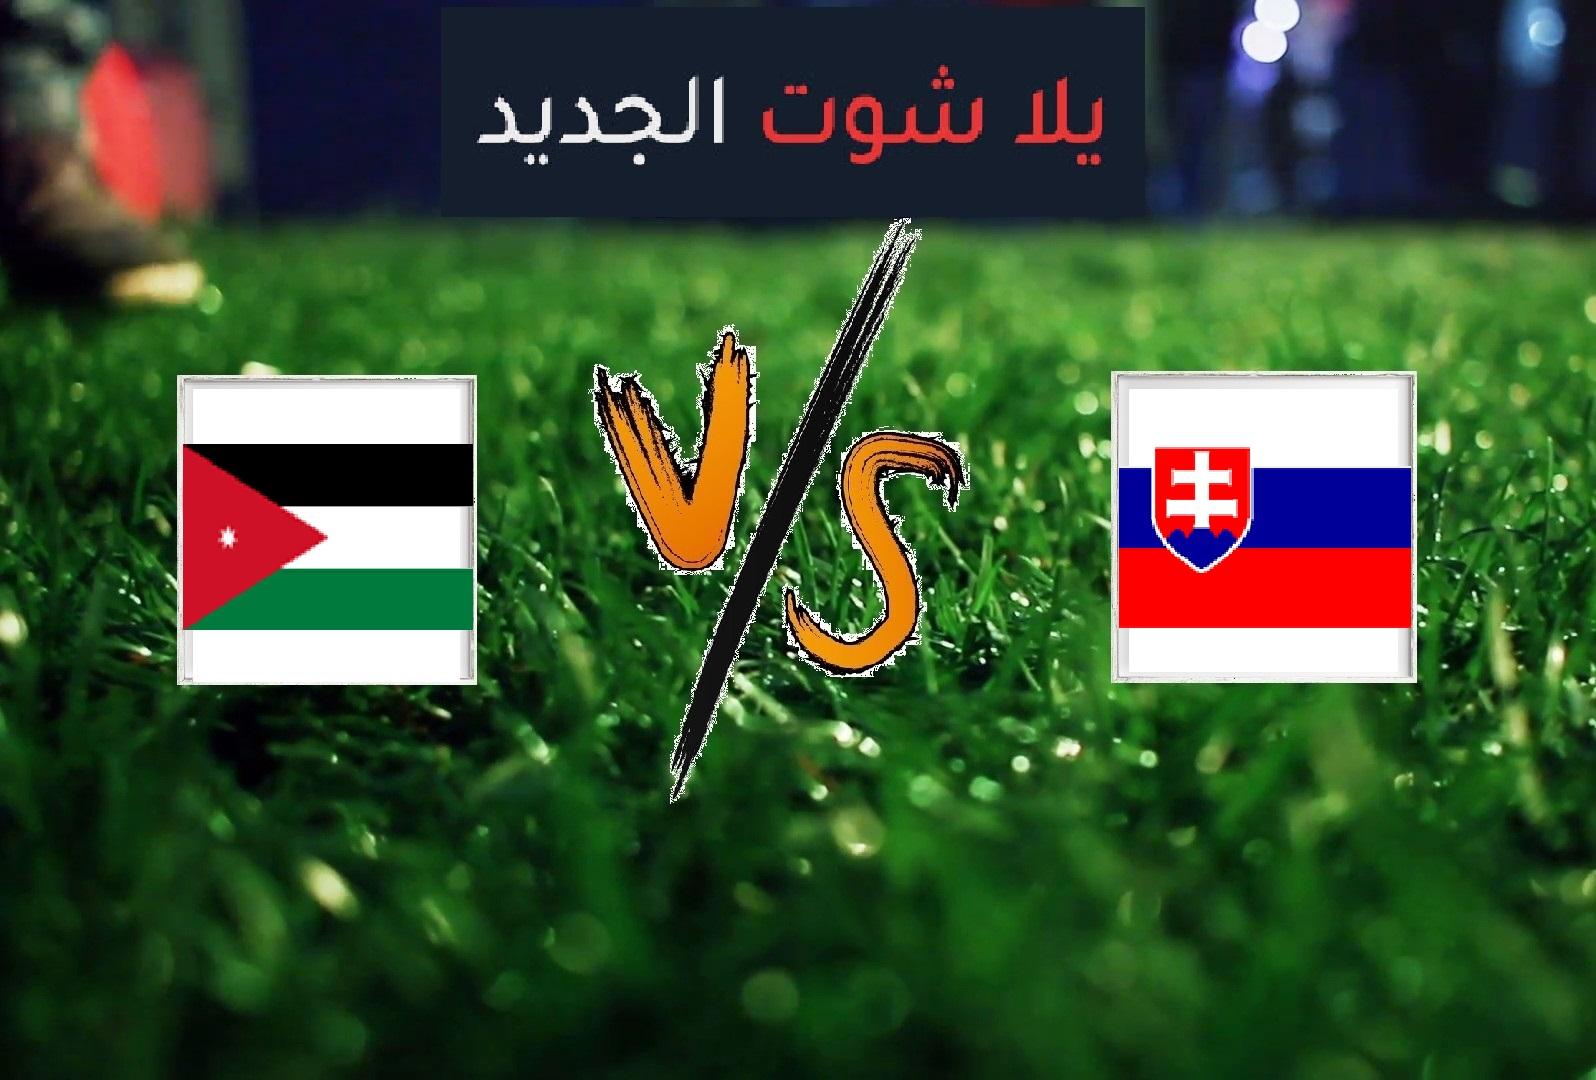 ملخص مباراة الاردن وسلوفاكيا اليوم الجمعة بتاريخ 07-06-2019 مباراة ودية